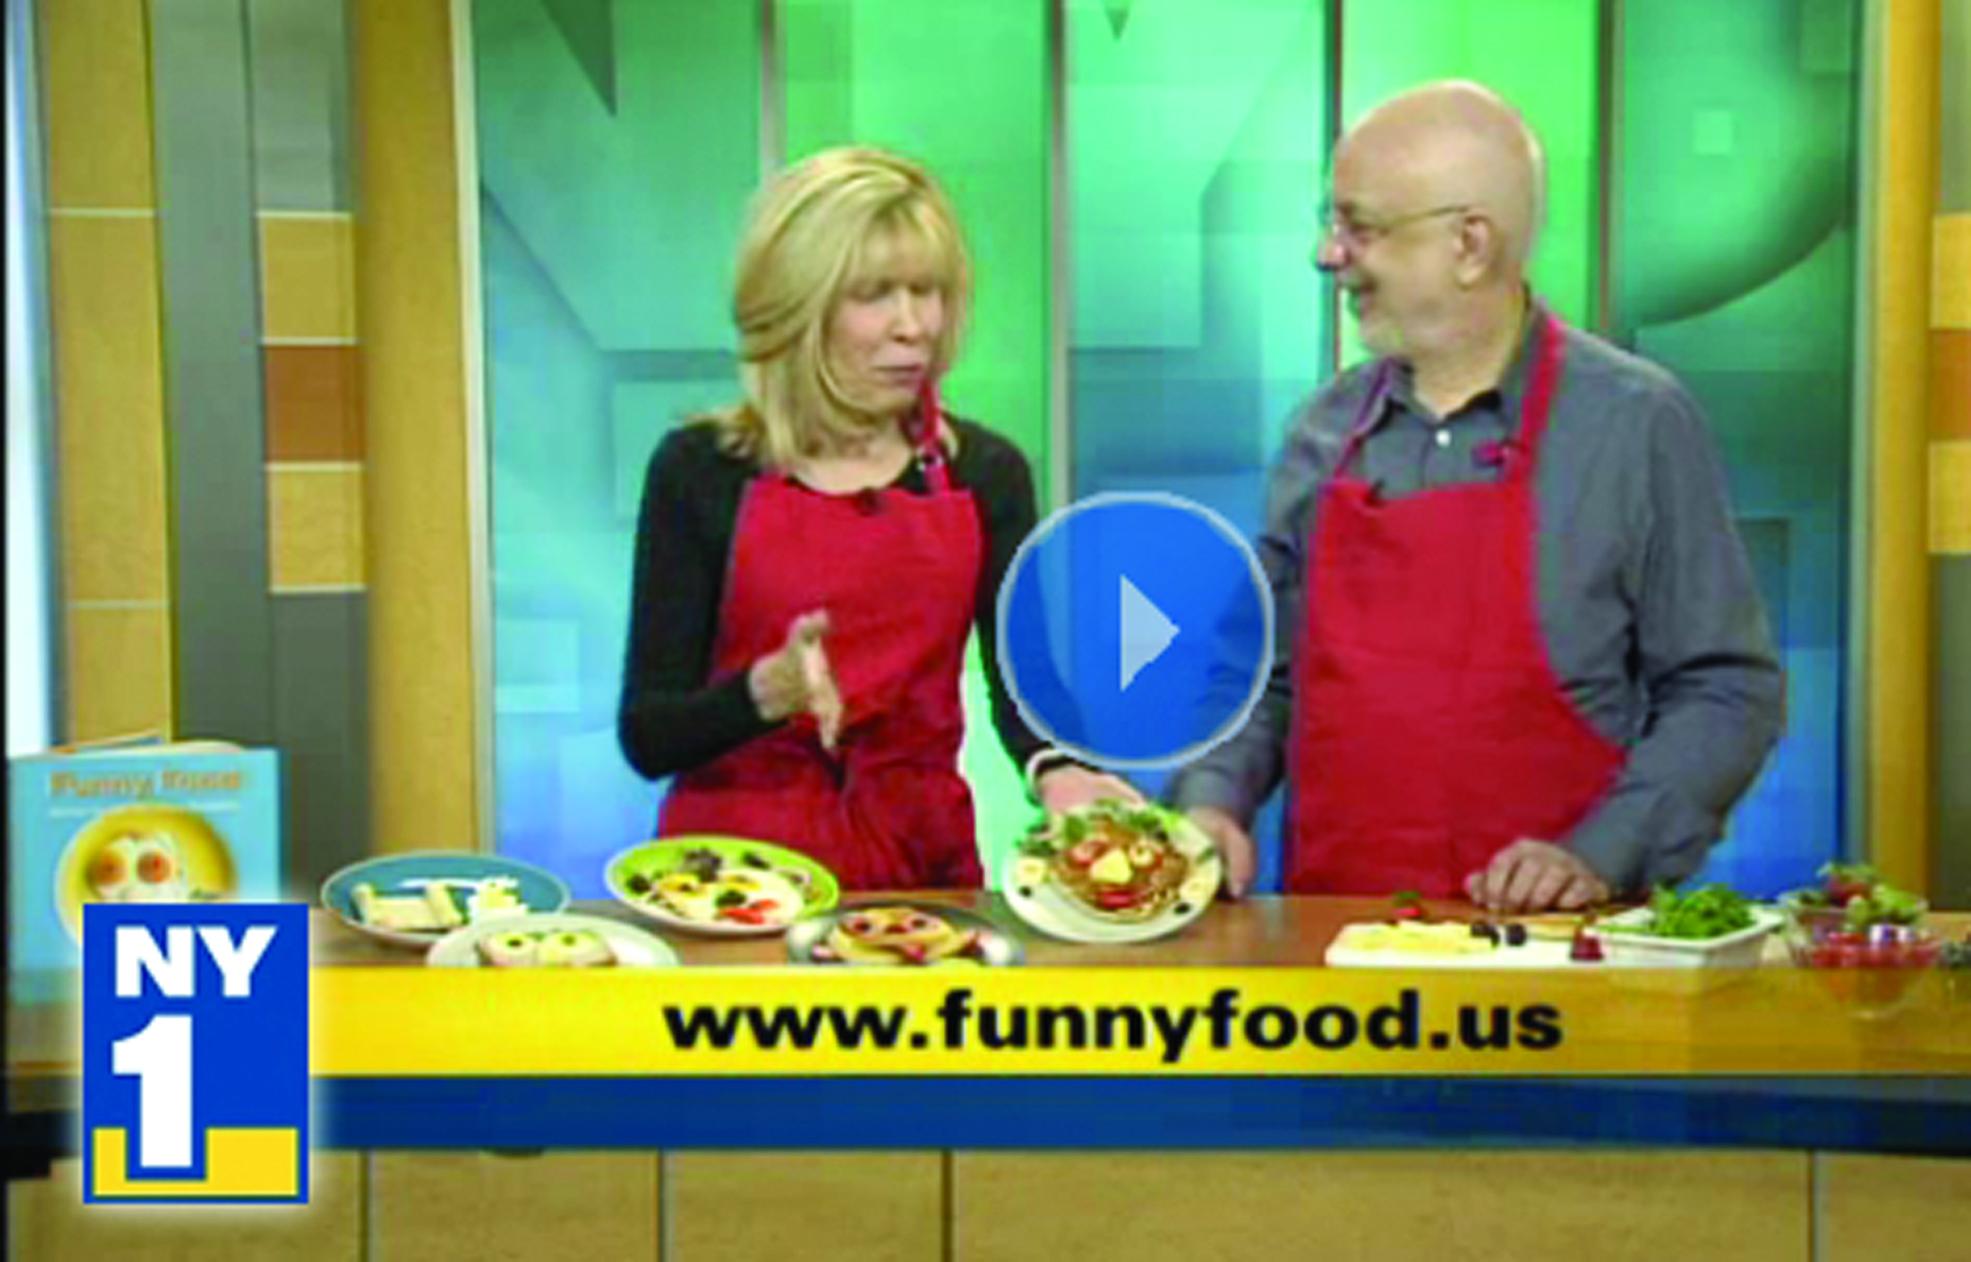 NY 1 TV host Shelly Golberg and Bill Wurtzel